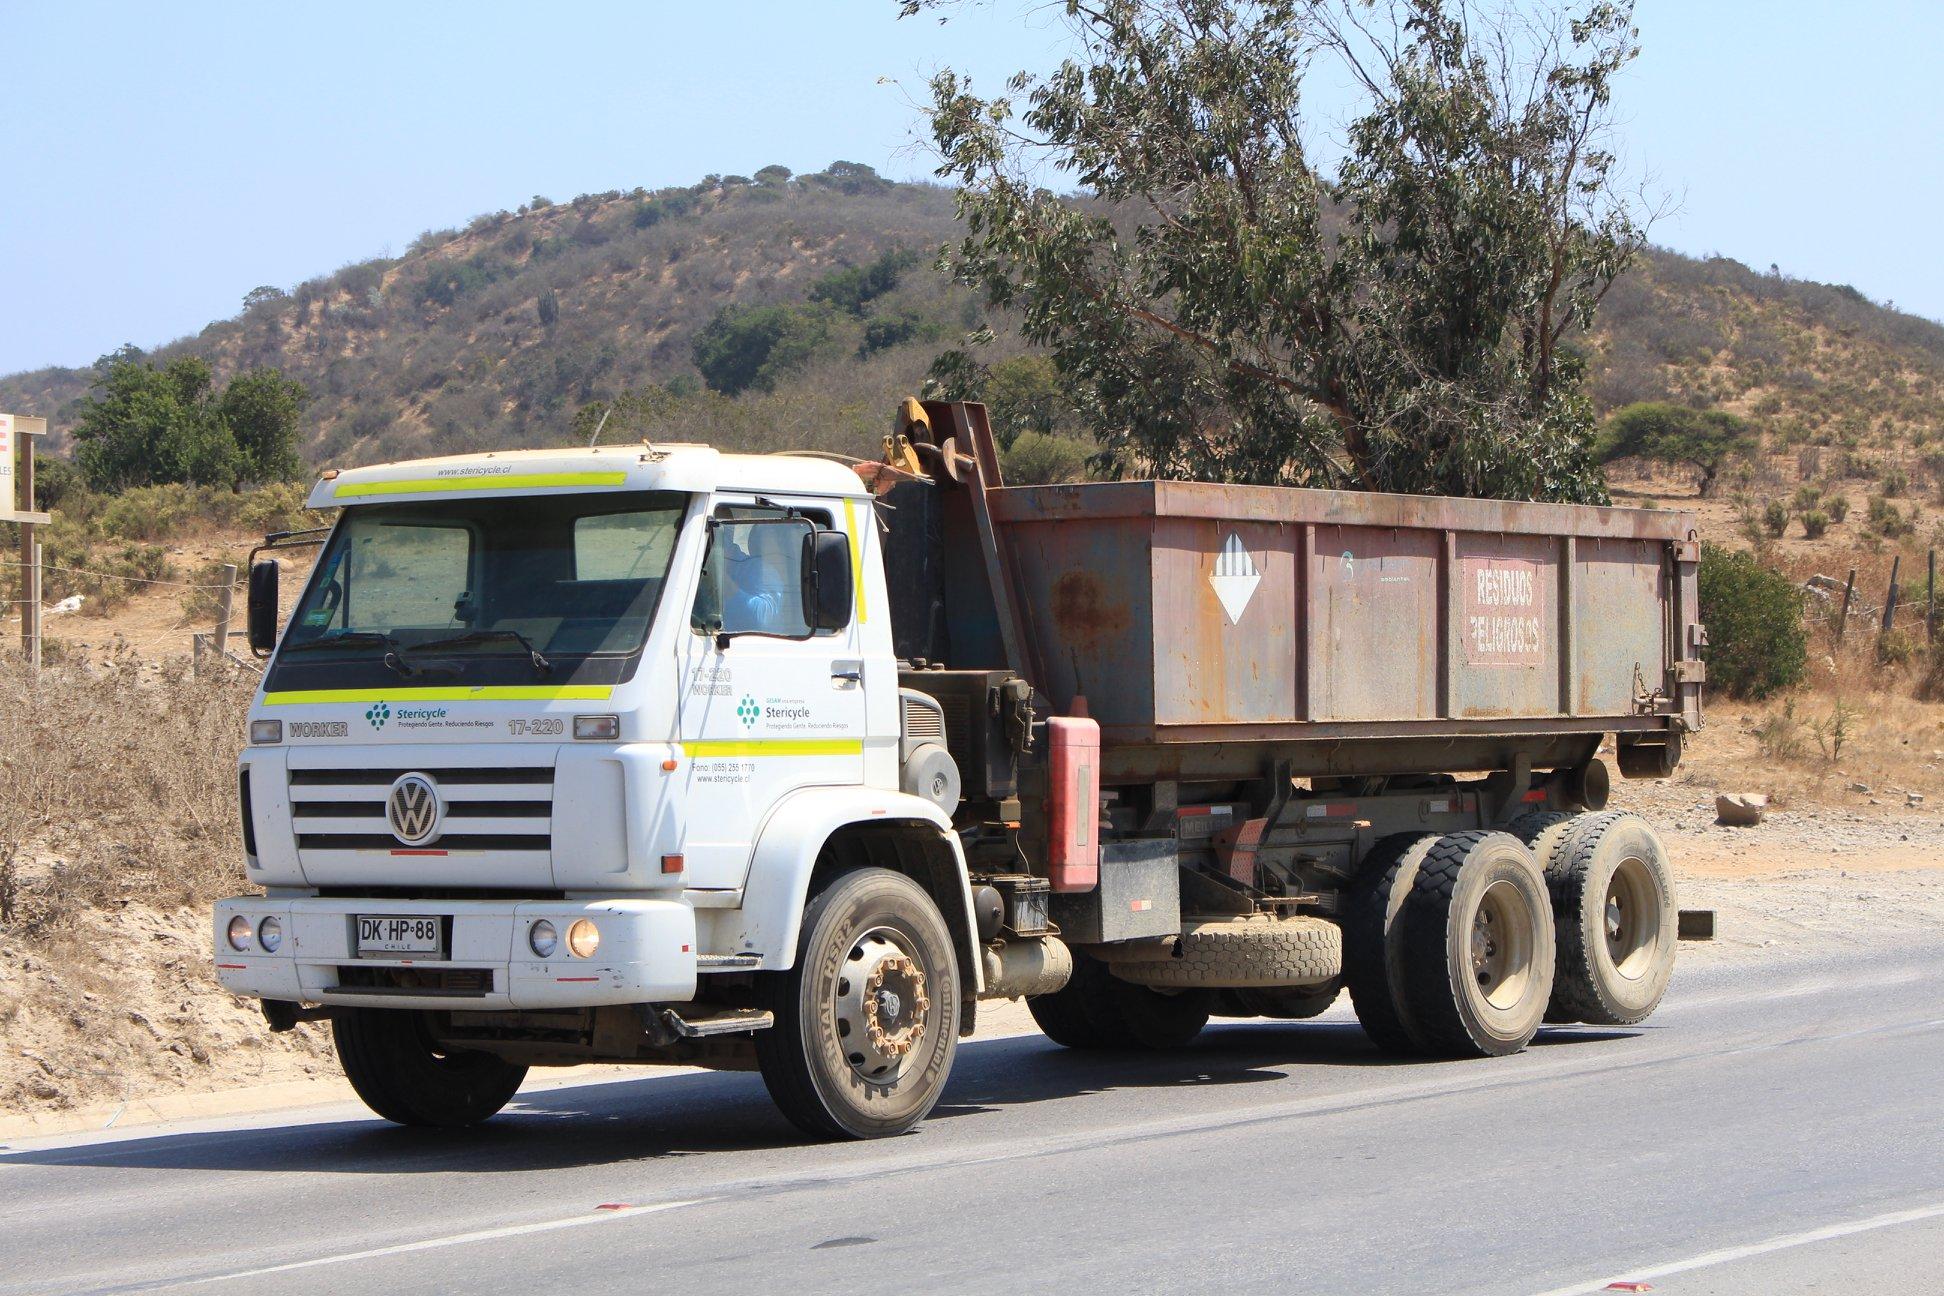 Truck_pics_mix-64